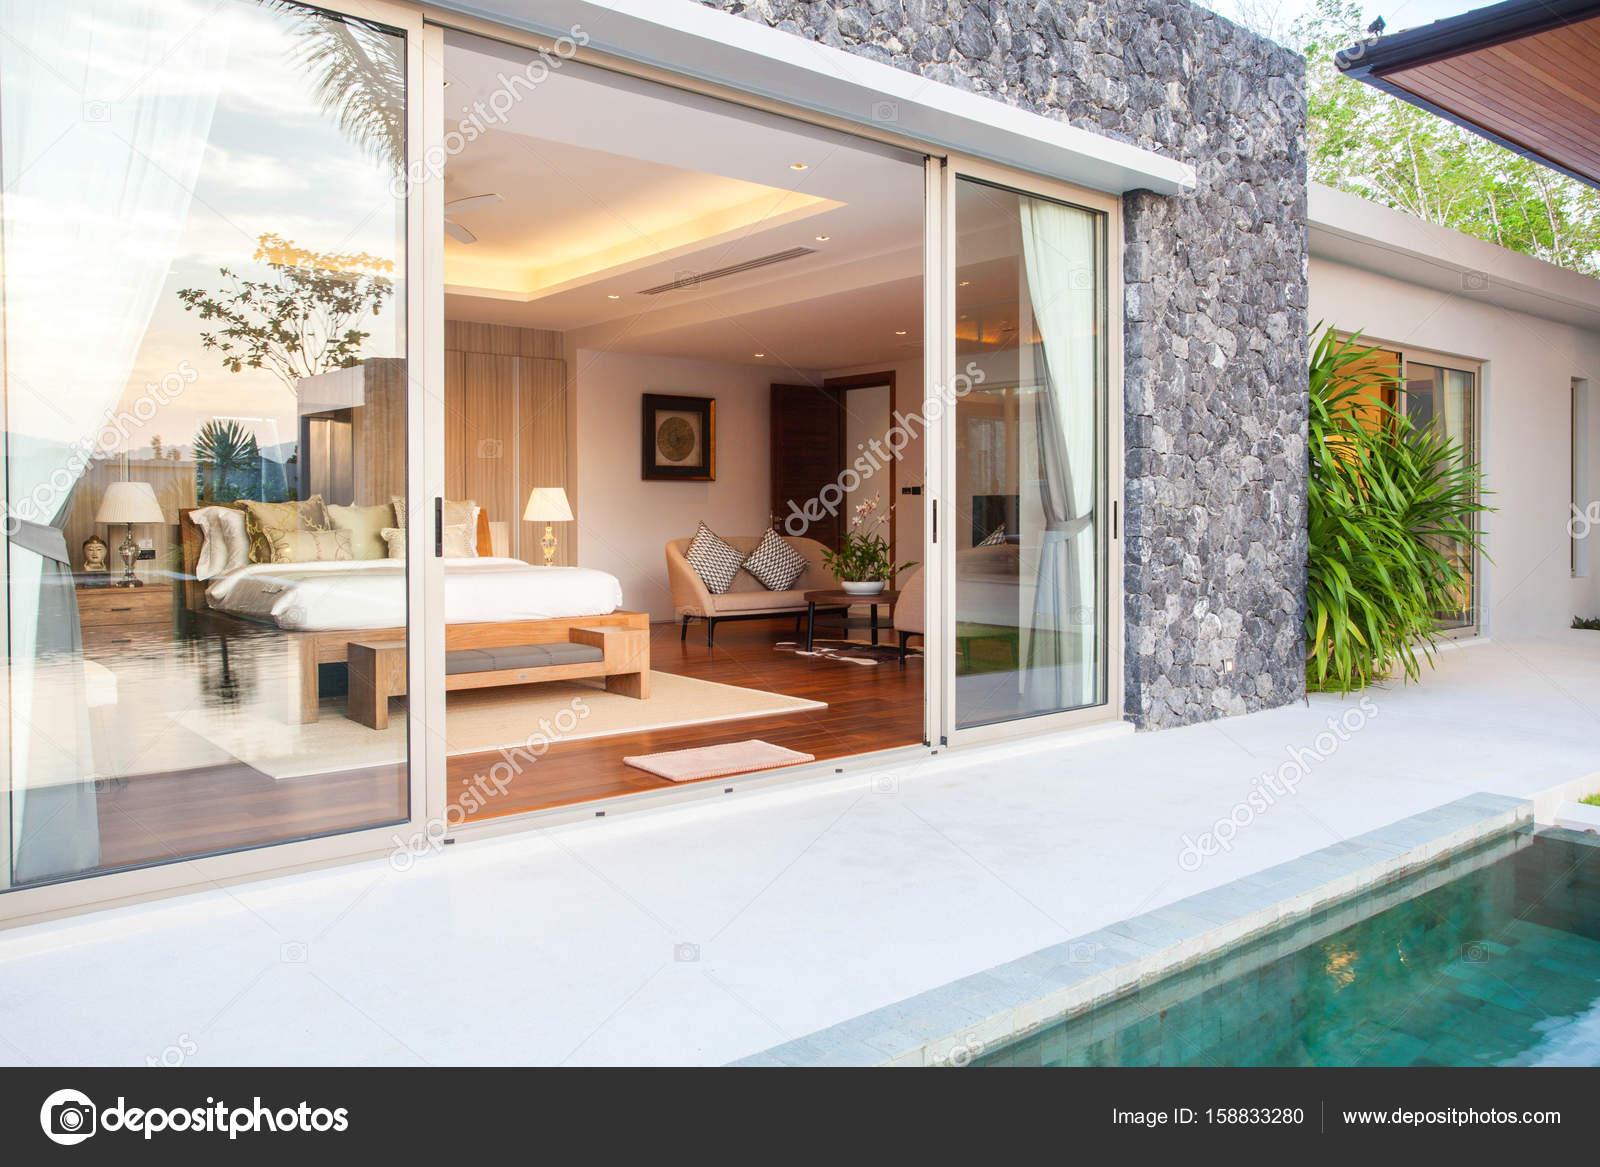 Interieur en exterieur design en decoratie van het huis